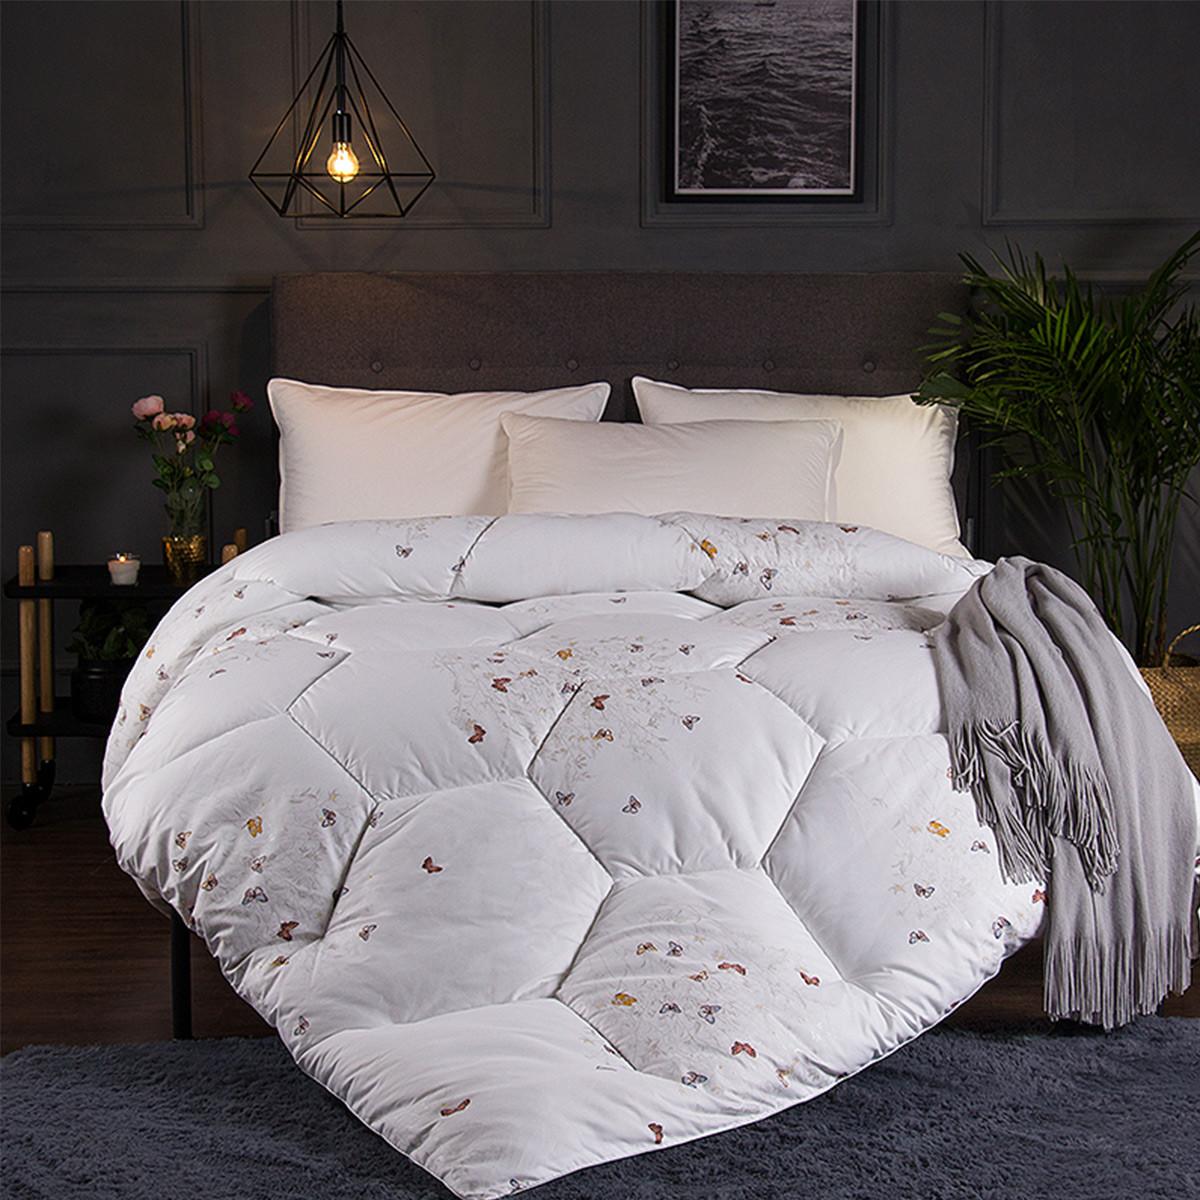 Ramada【年底清仓】柔系列磨毛印花被子被芯床上盖被被芯被子空调被COLOR白色